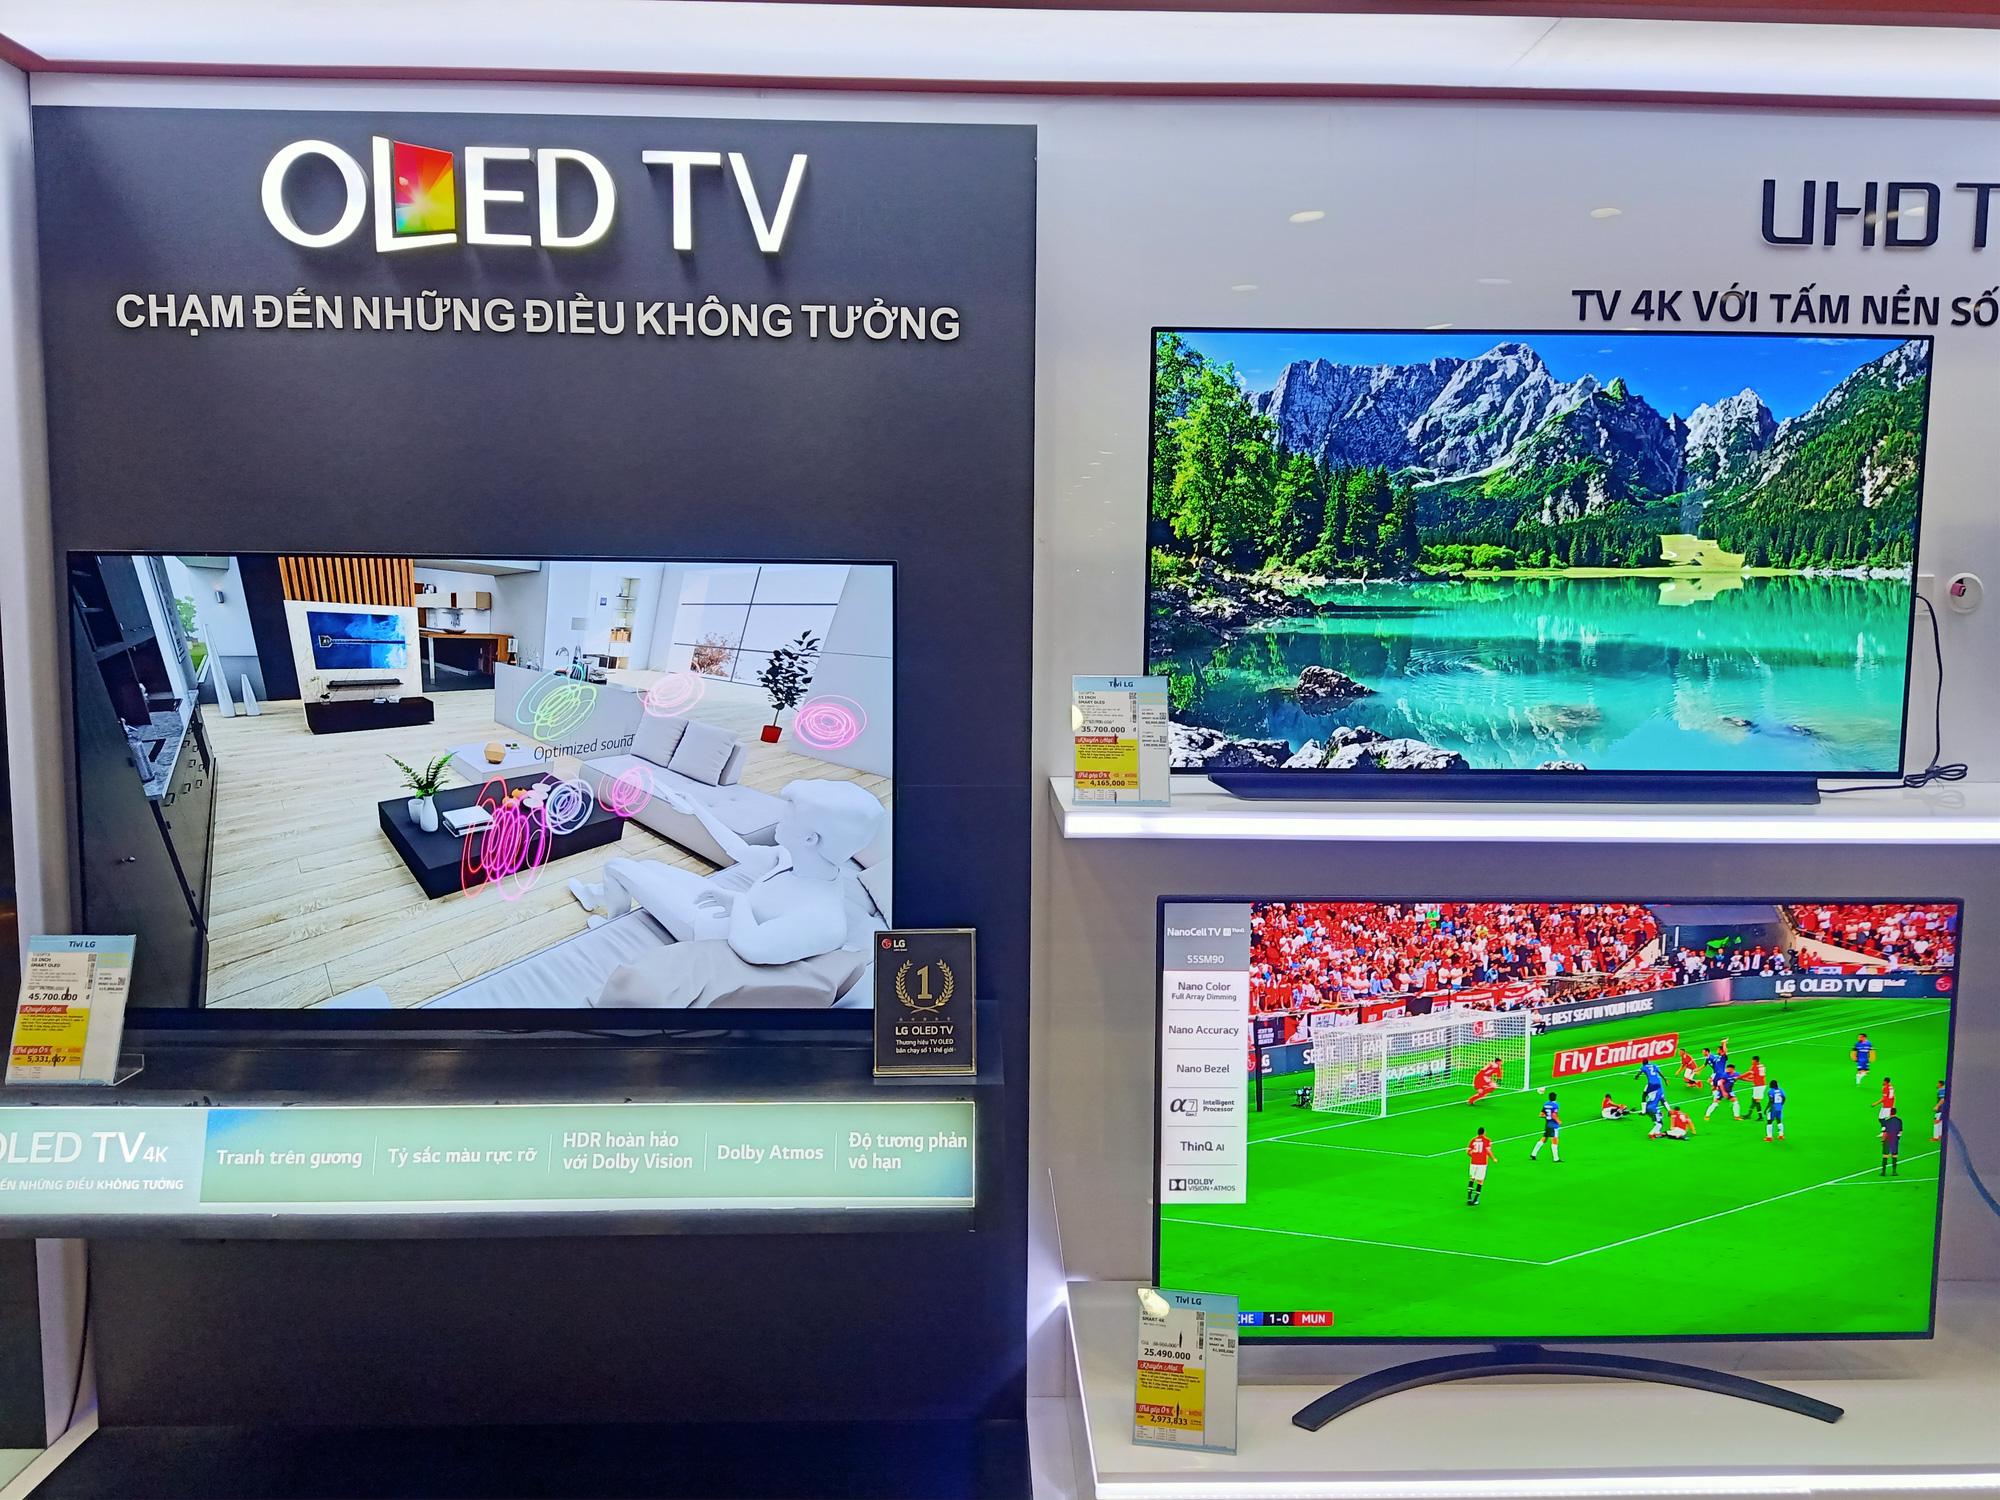 Nhiều tivi giảm giá kích cầu mua sắm để phục vụ cho nhu cầu giải trí tại gia - Ảnh 5.